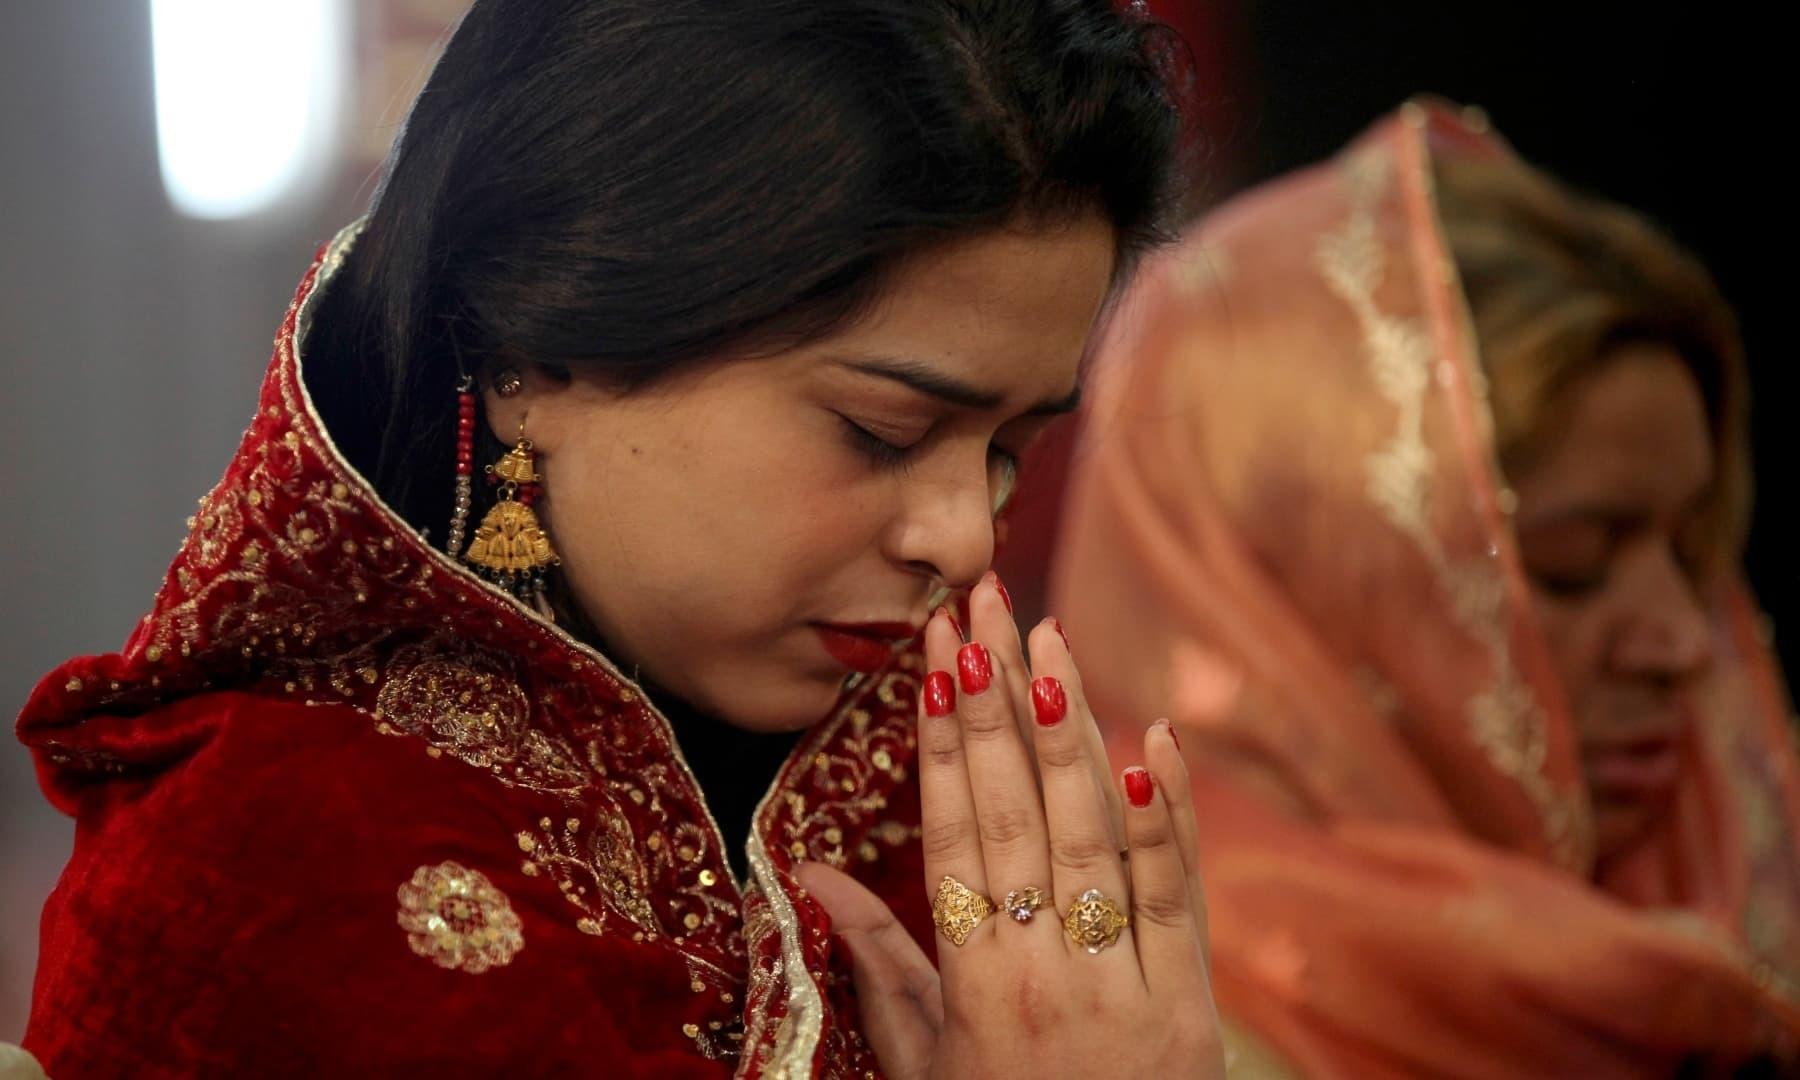 لاہور میں ایک خاتون دعا مانگ رہی ہیں —فوٹو: اے پی